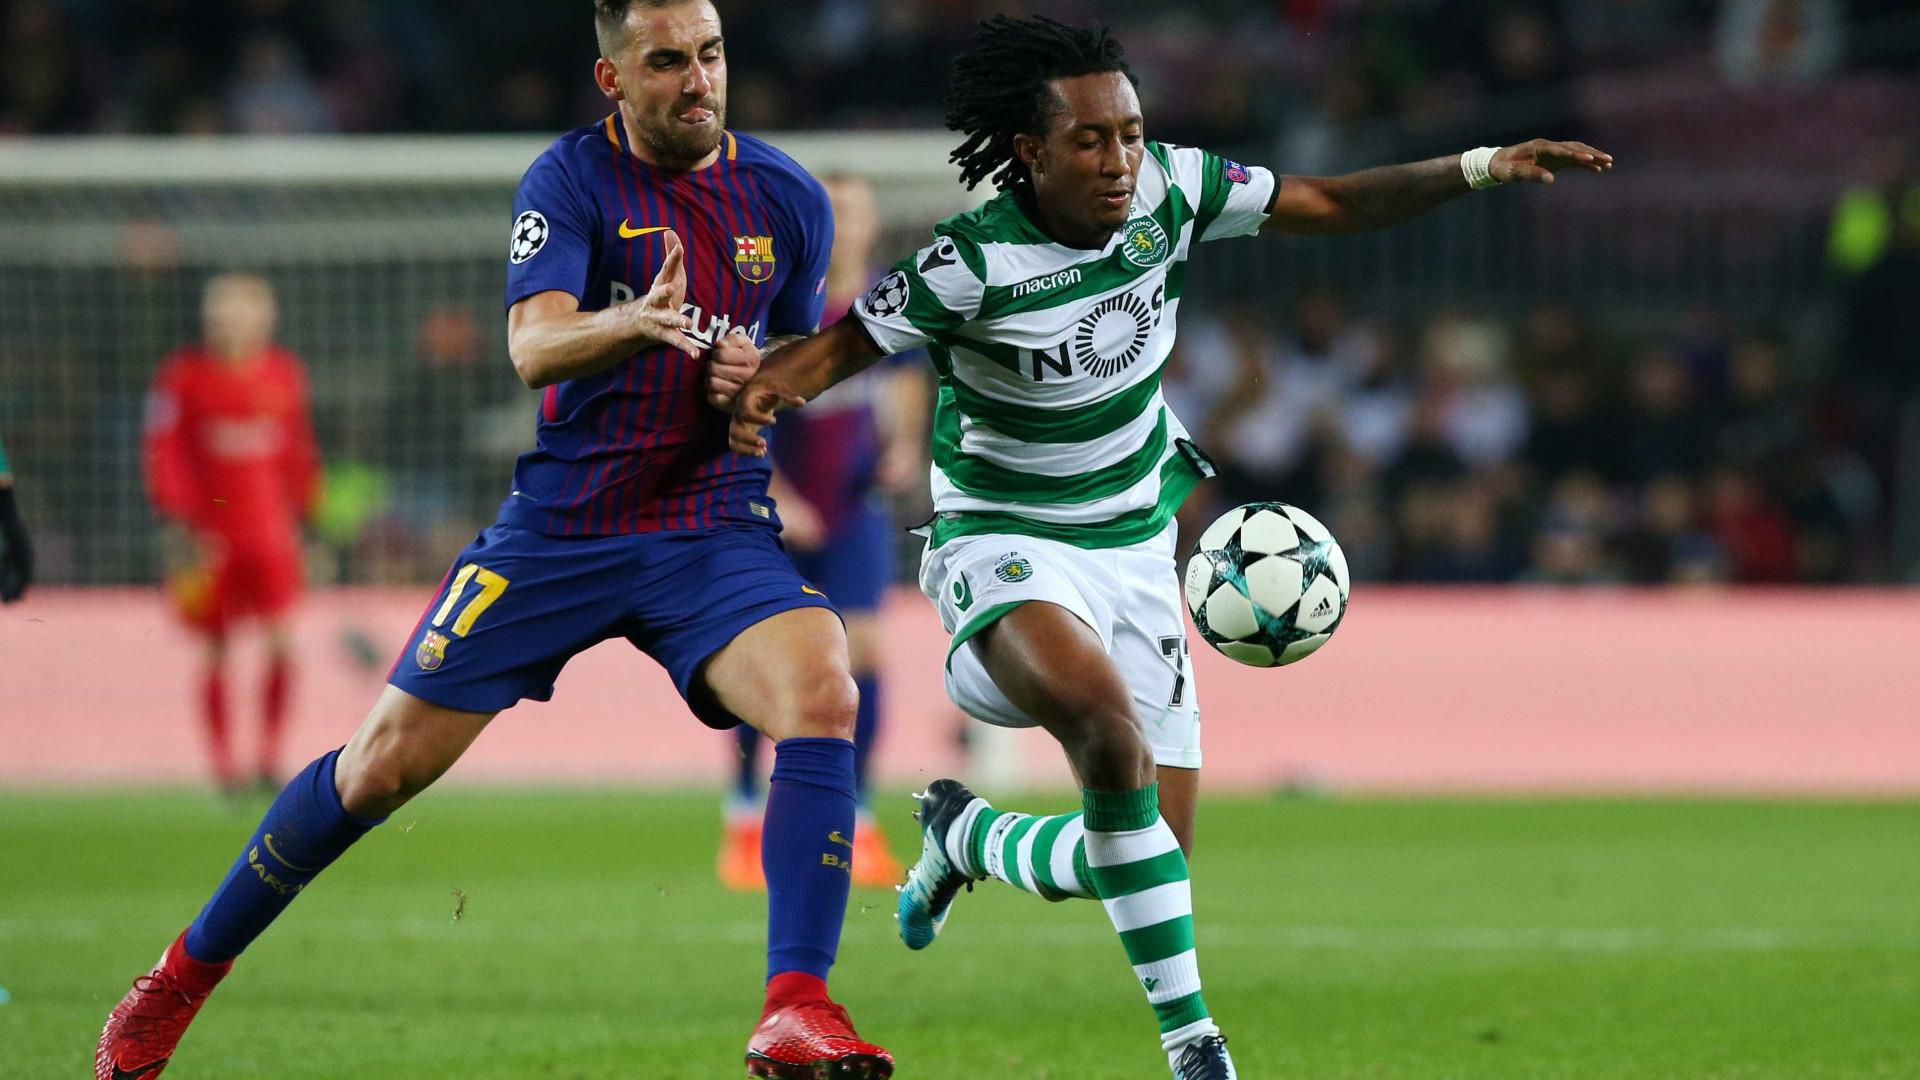 Exigências do Sporting atrasam Gelson e Atlético já consultou a FIFA